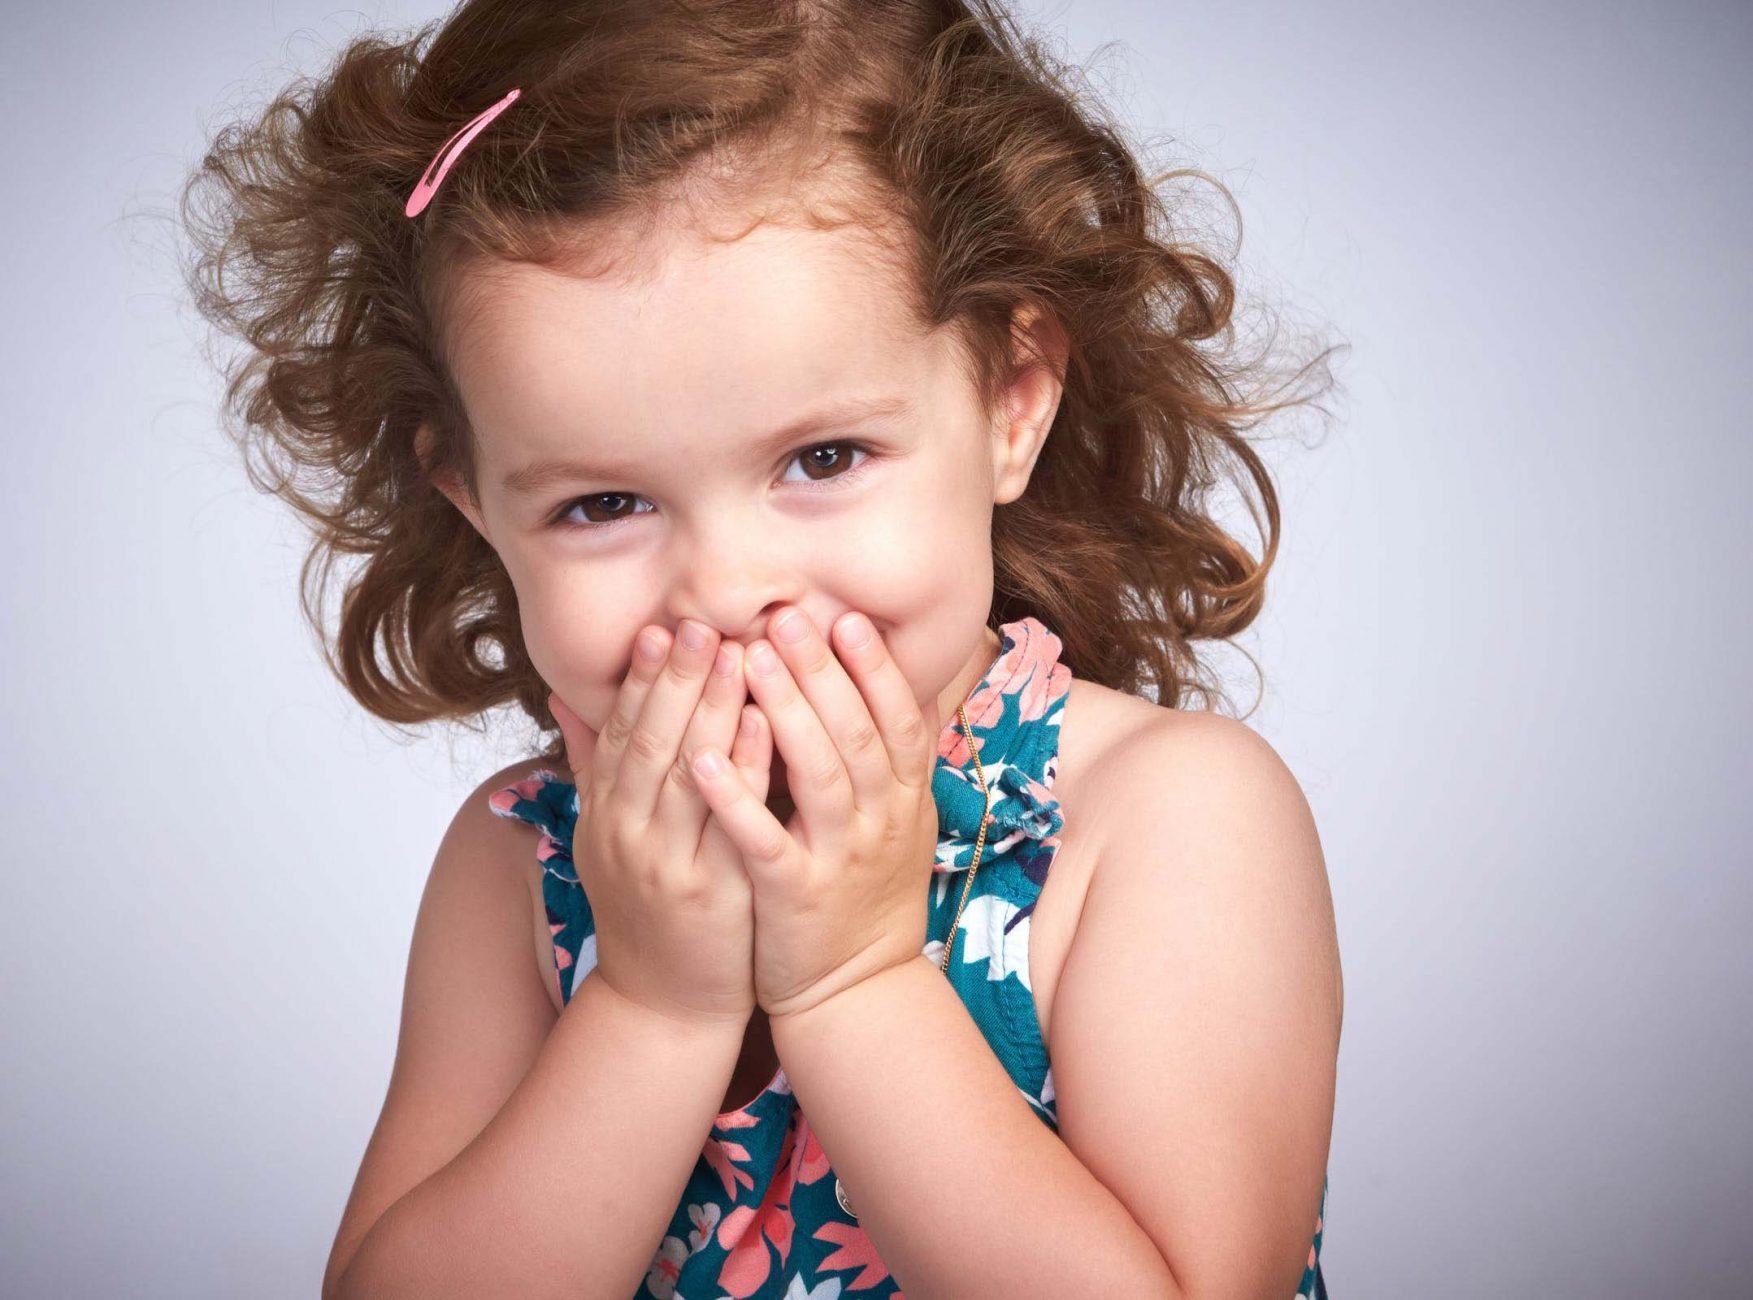 faire des photos d'enfant pour un book